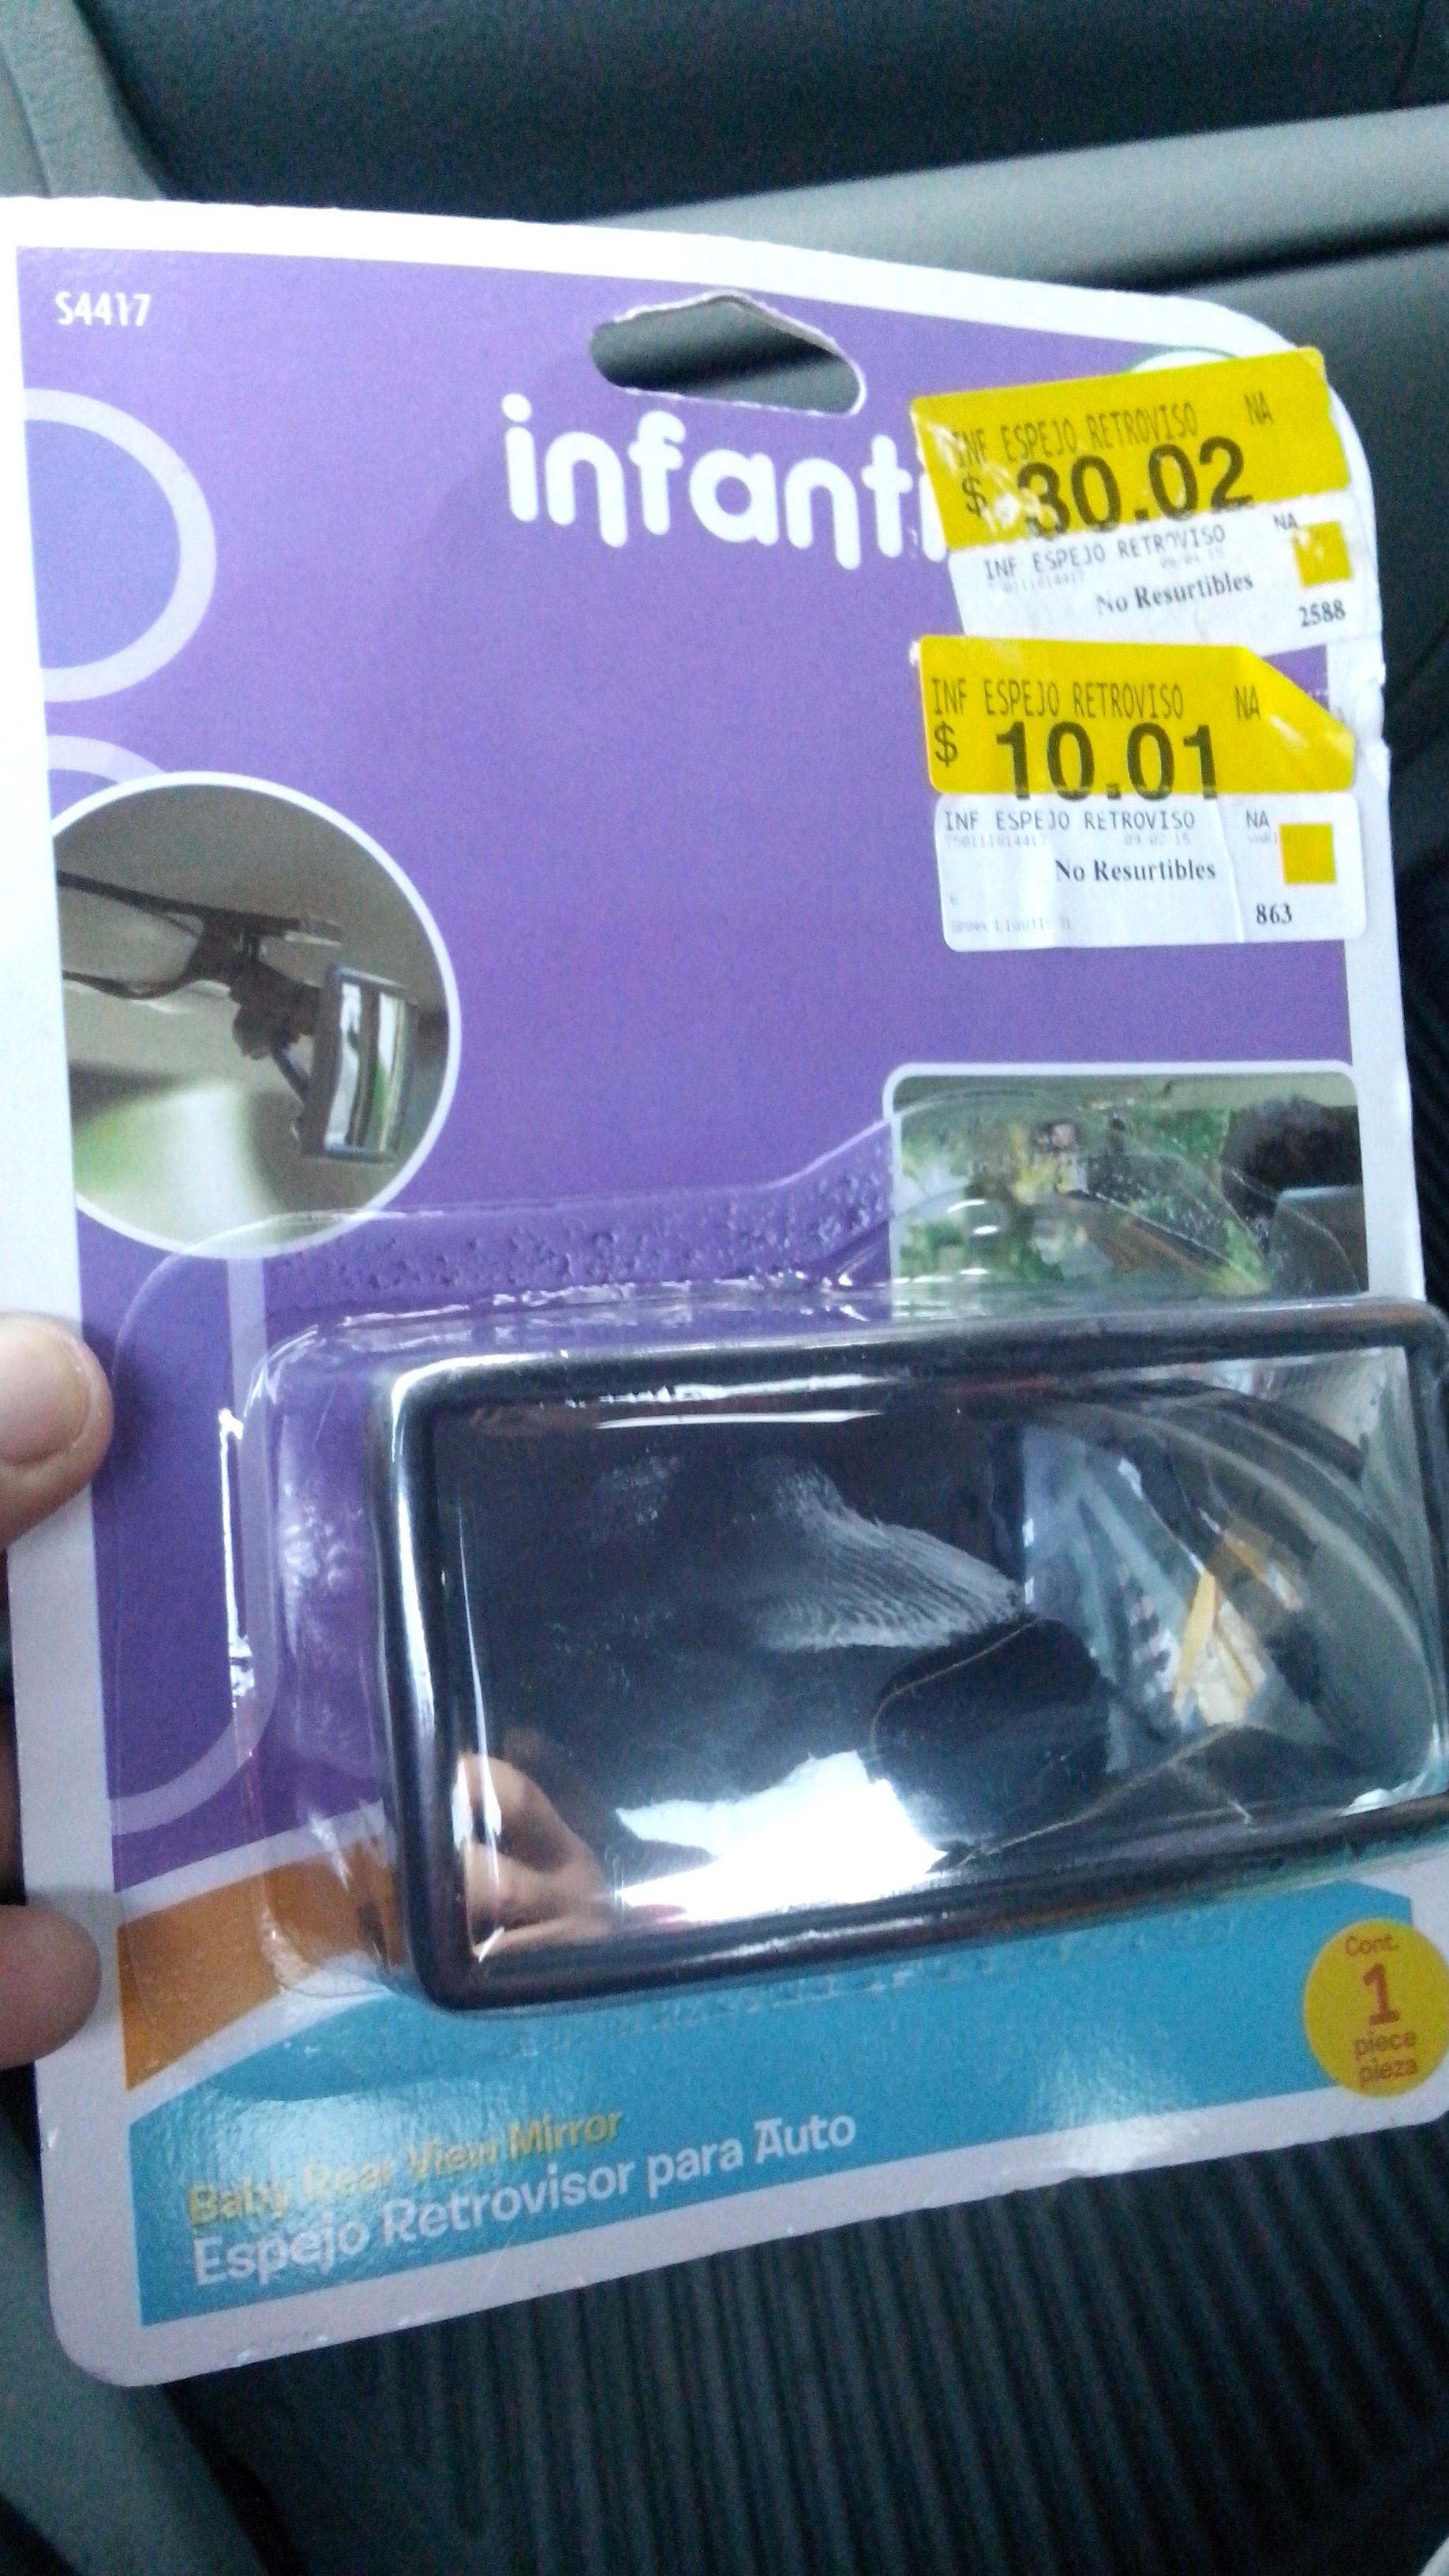 Walmart: Retrovisor para auto (vigila al bebé o a la suegra, jeje) $10.01